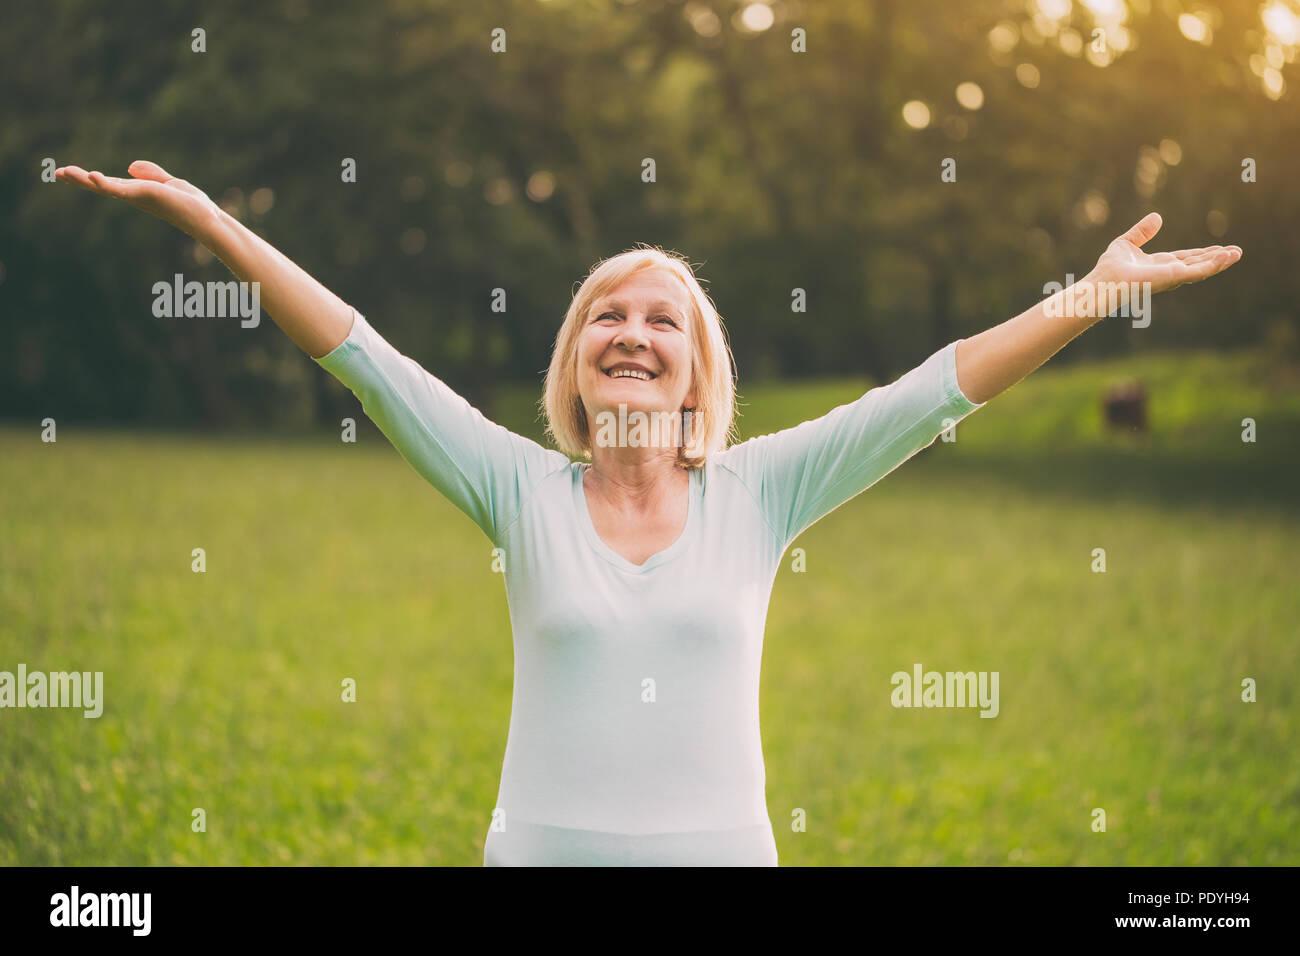 Senior woman entretient avec ses bras tendus dans la nature.Image est volontairement tonique. Photo Stock